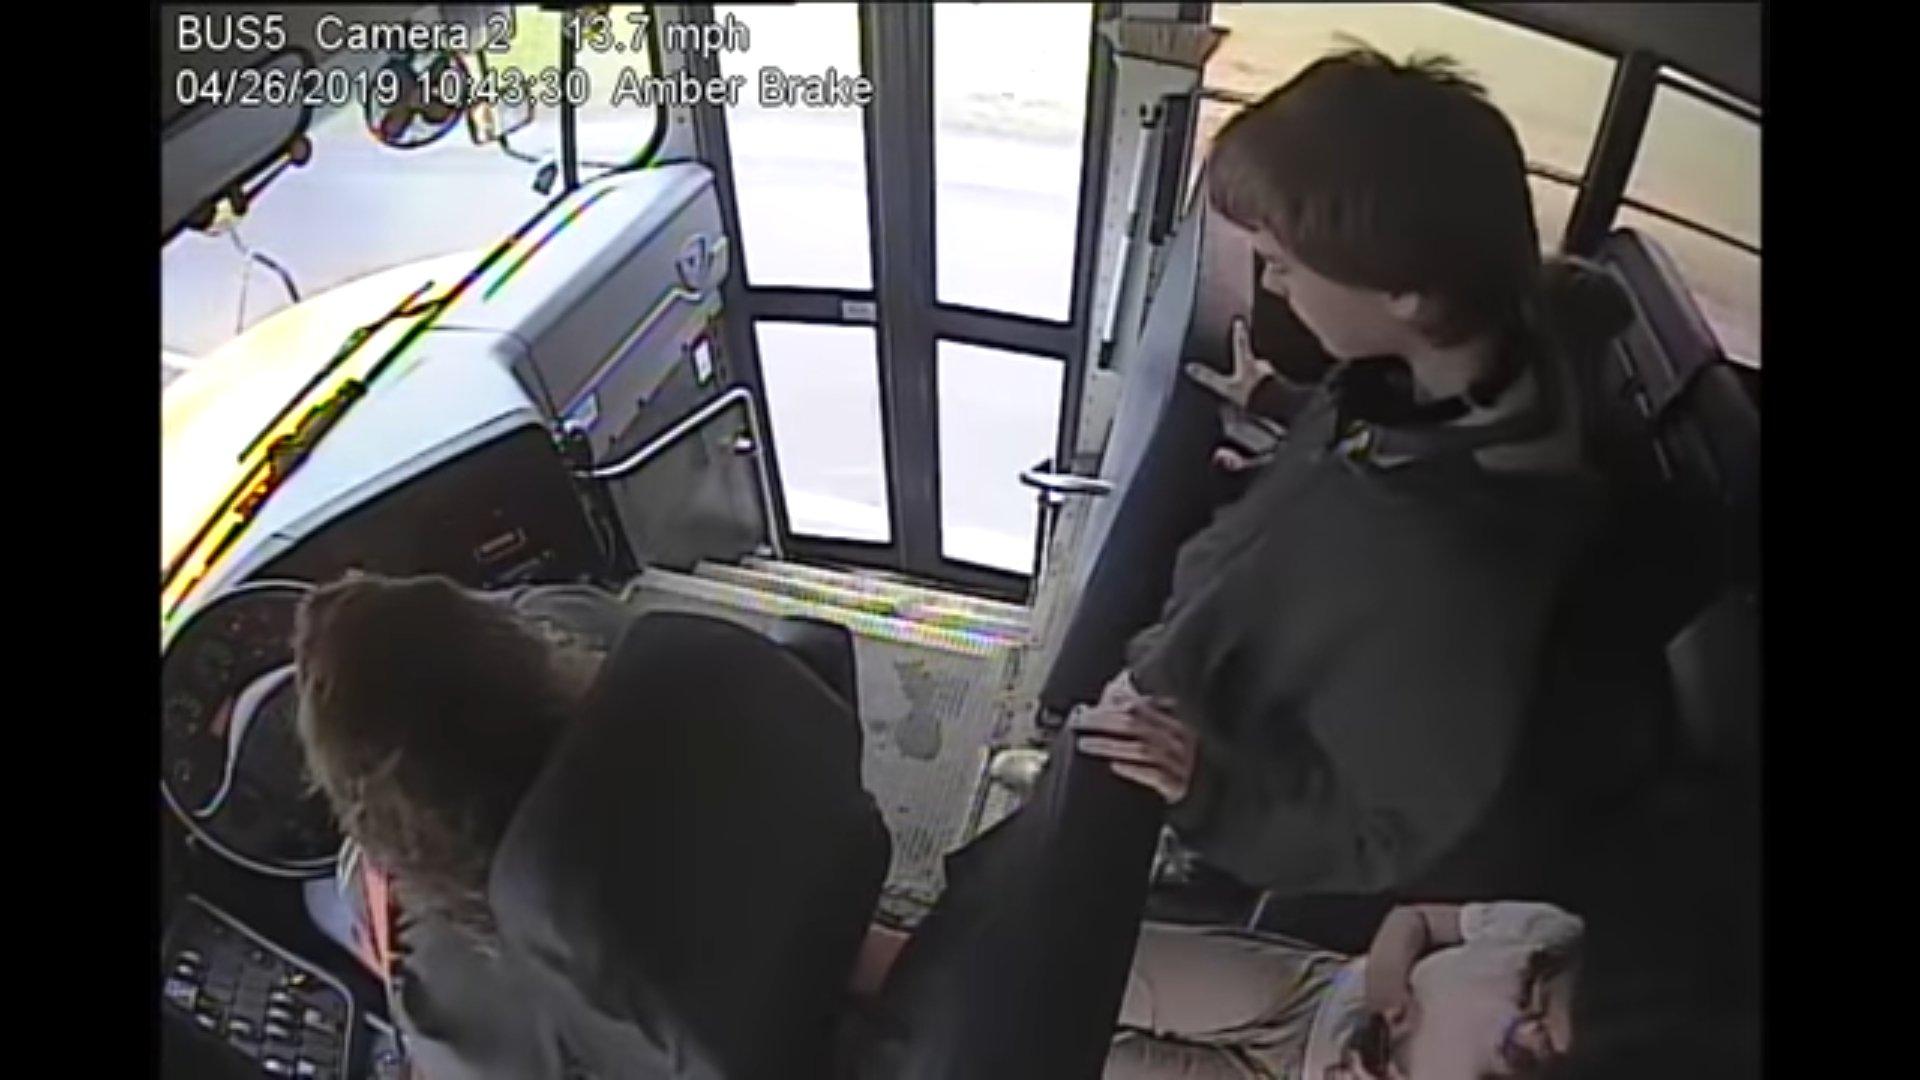 L'adolescent et Samantha Call dans le bus | Source : YouTube/blahblah